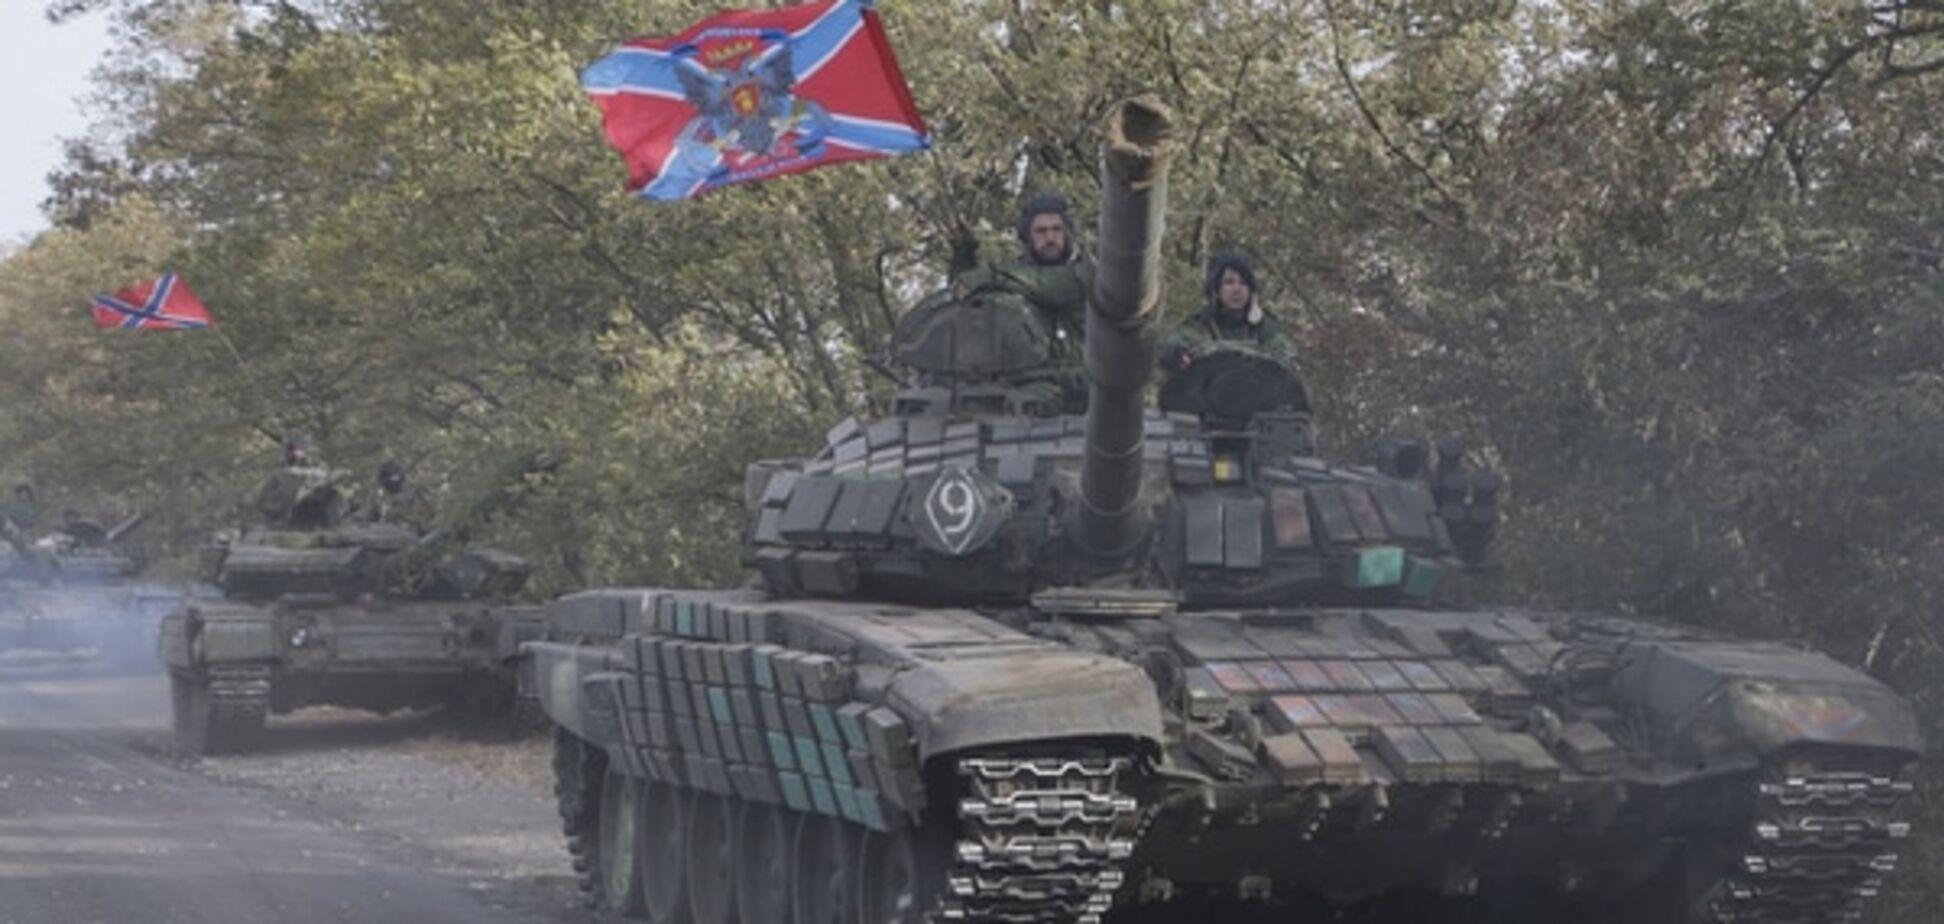 У Росії пояснили, чому терористи збільшили кількість атак у зоні АТО: Кремль ні при чому